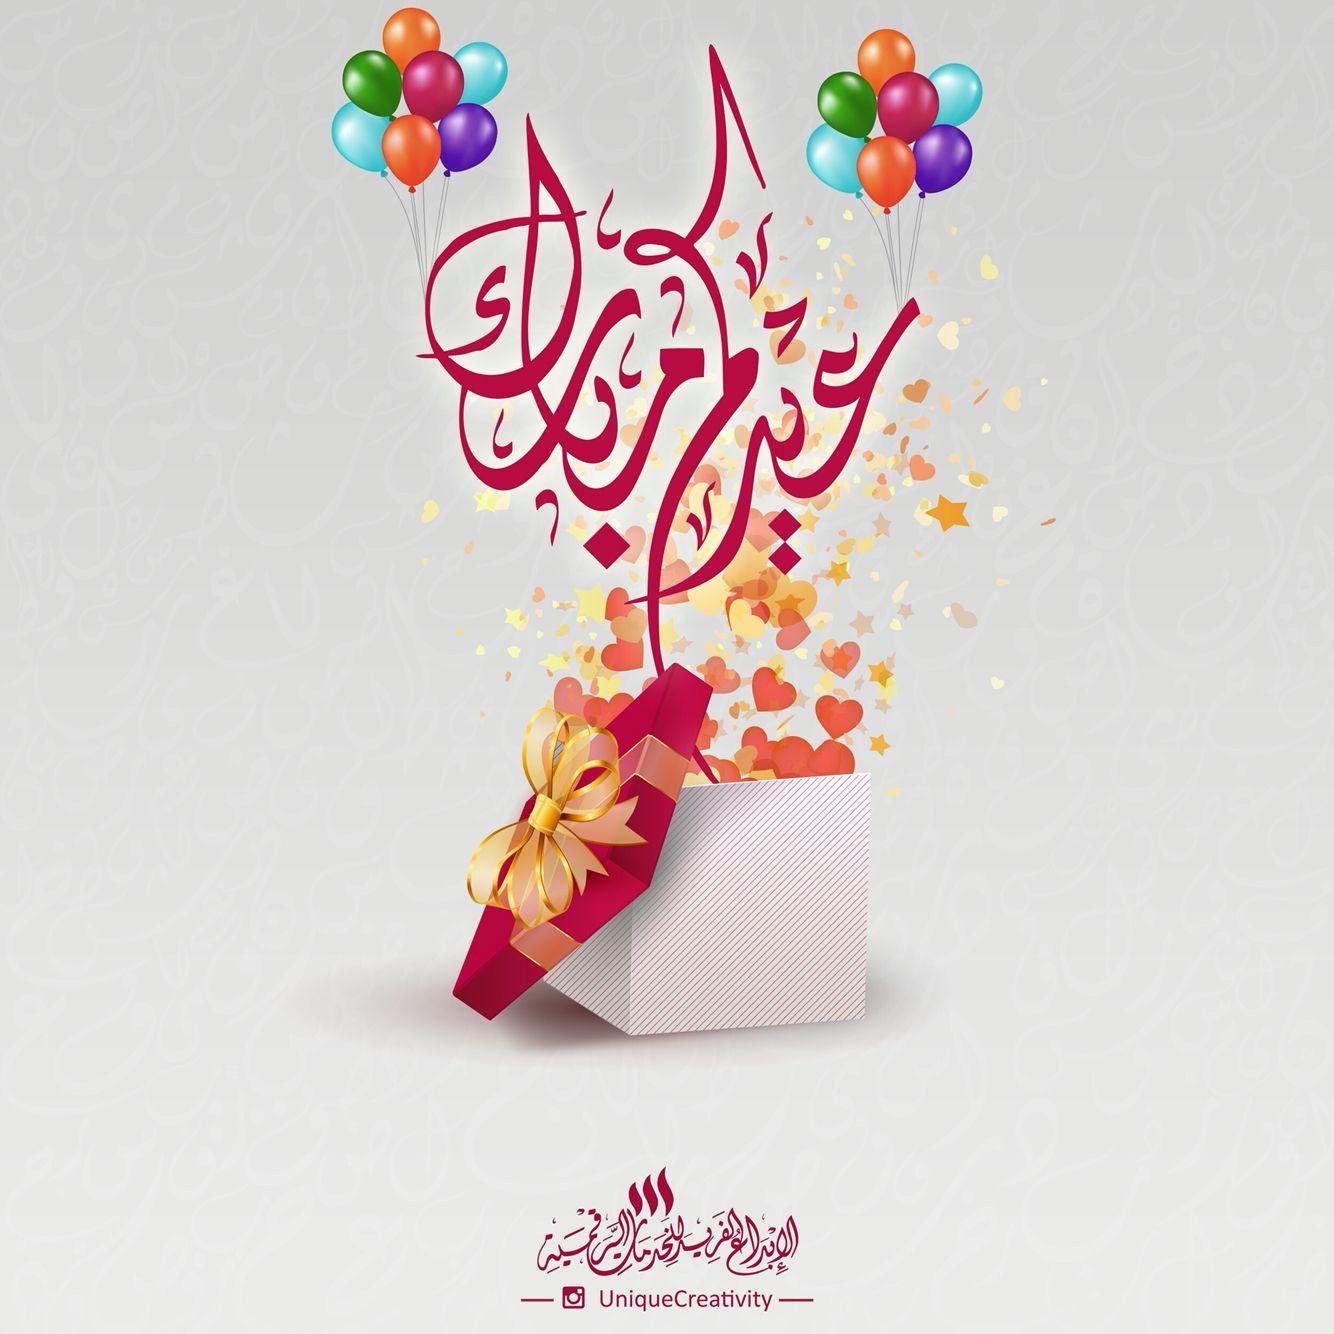 كل عام وأنتم بخير Happy Eid عيد عيد سعيد عيدكم مبارك عيد الاضحى عيد الحج يوم عرفة اسلاميات المصمم تصميم ت Cards Place Card Holders Place Cards